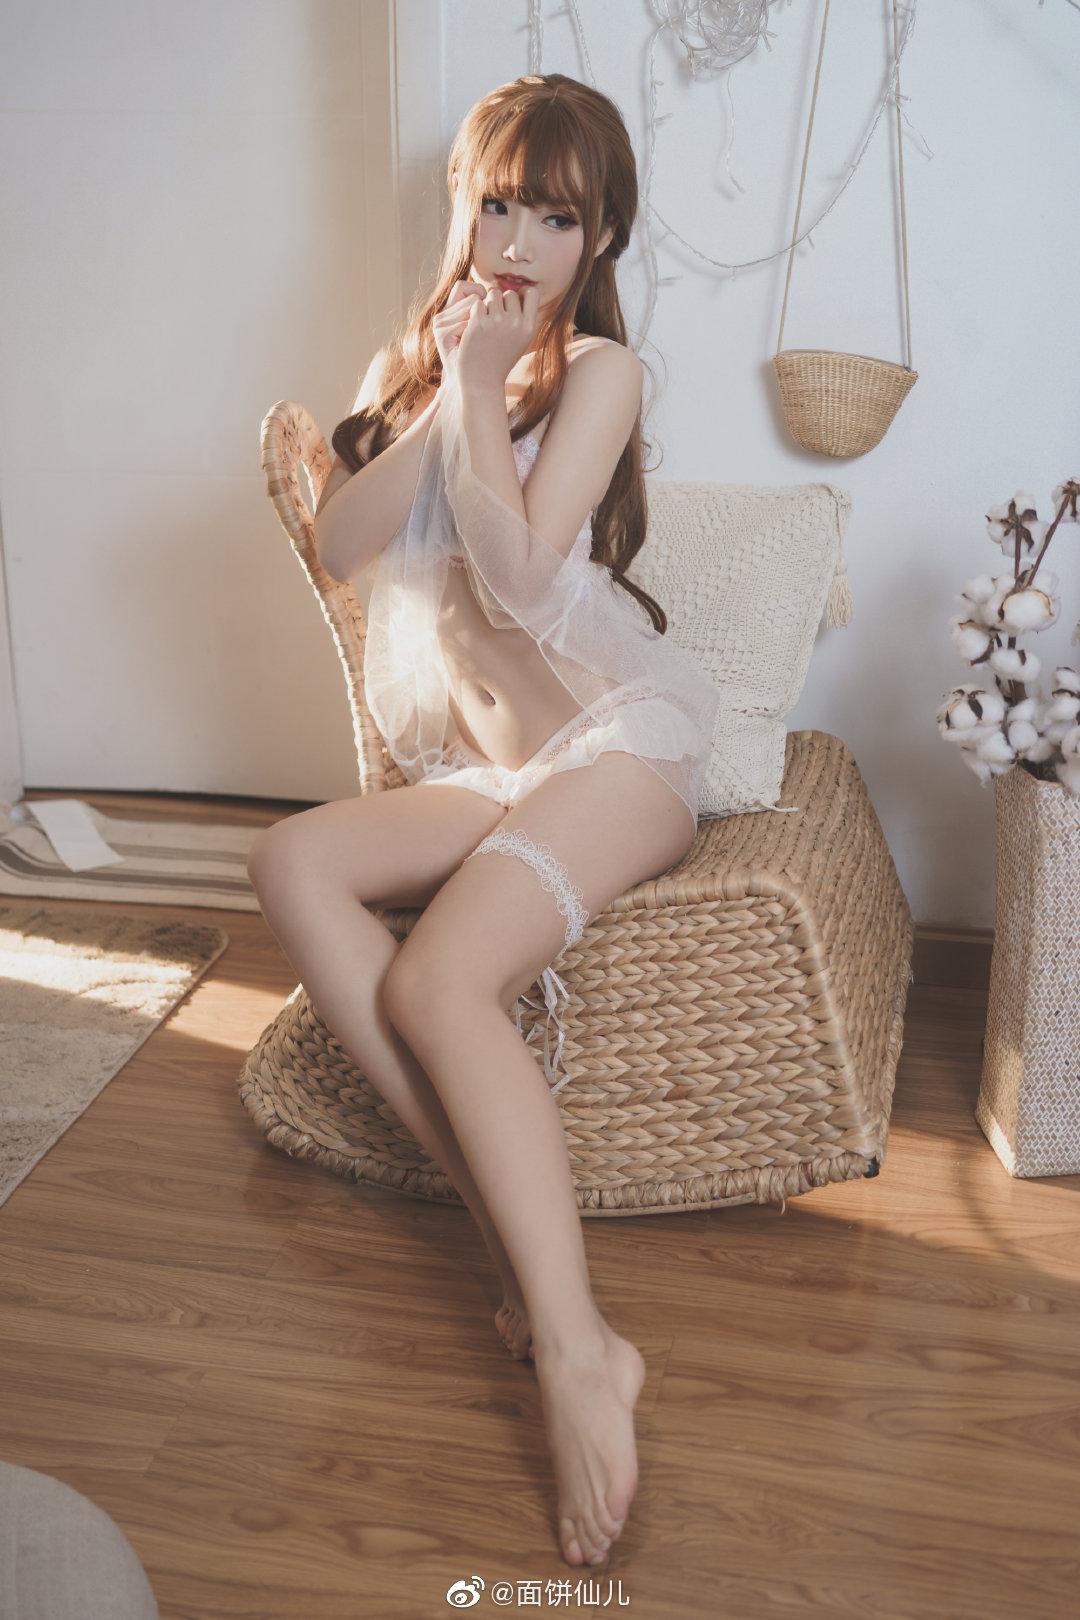 天气太热,这就是你在家穿这种睡衣的理由? 美女写真-第8张